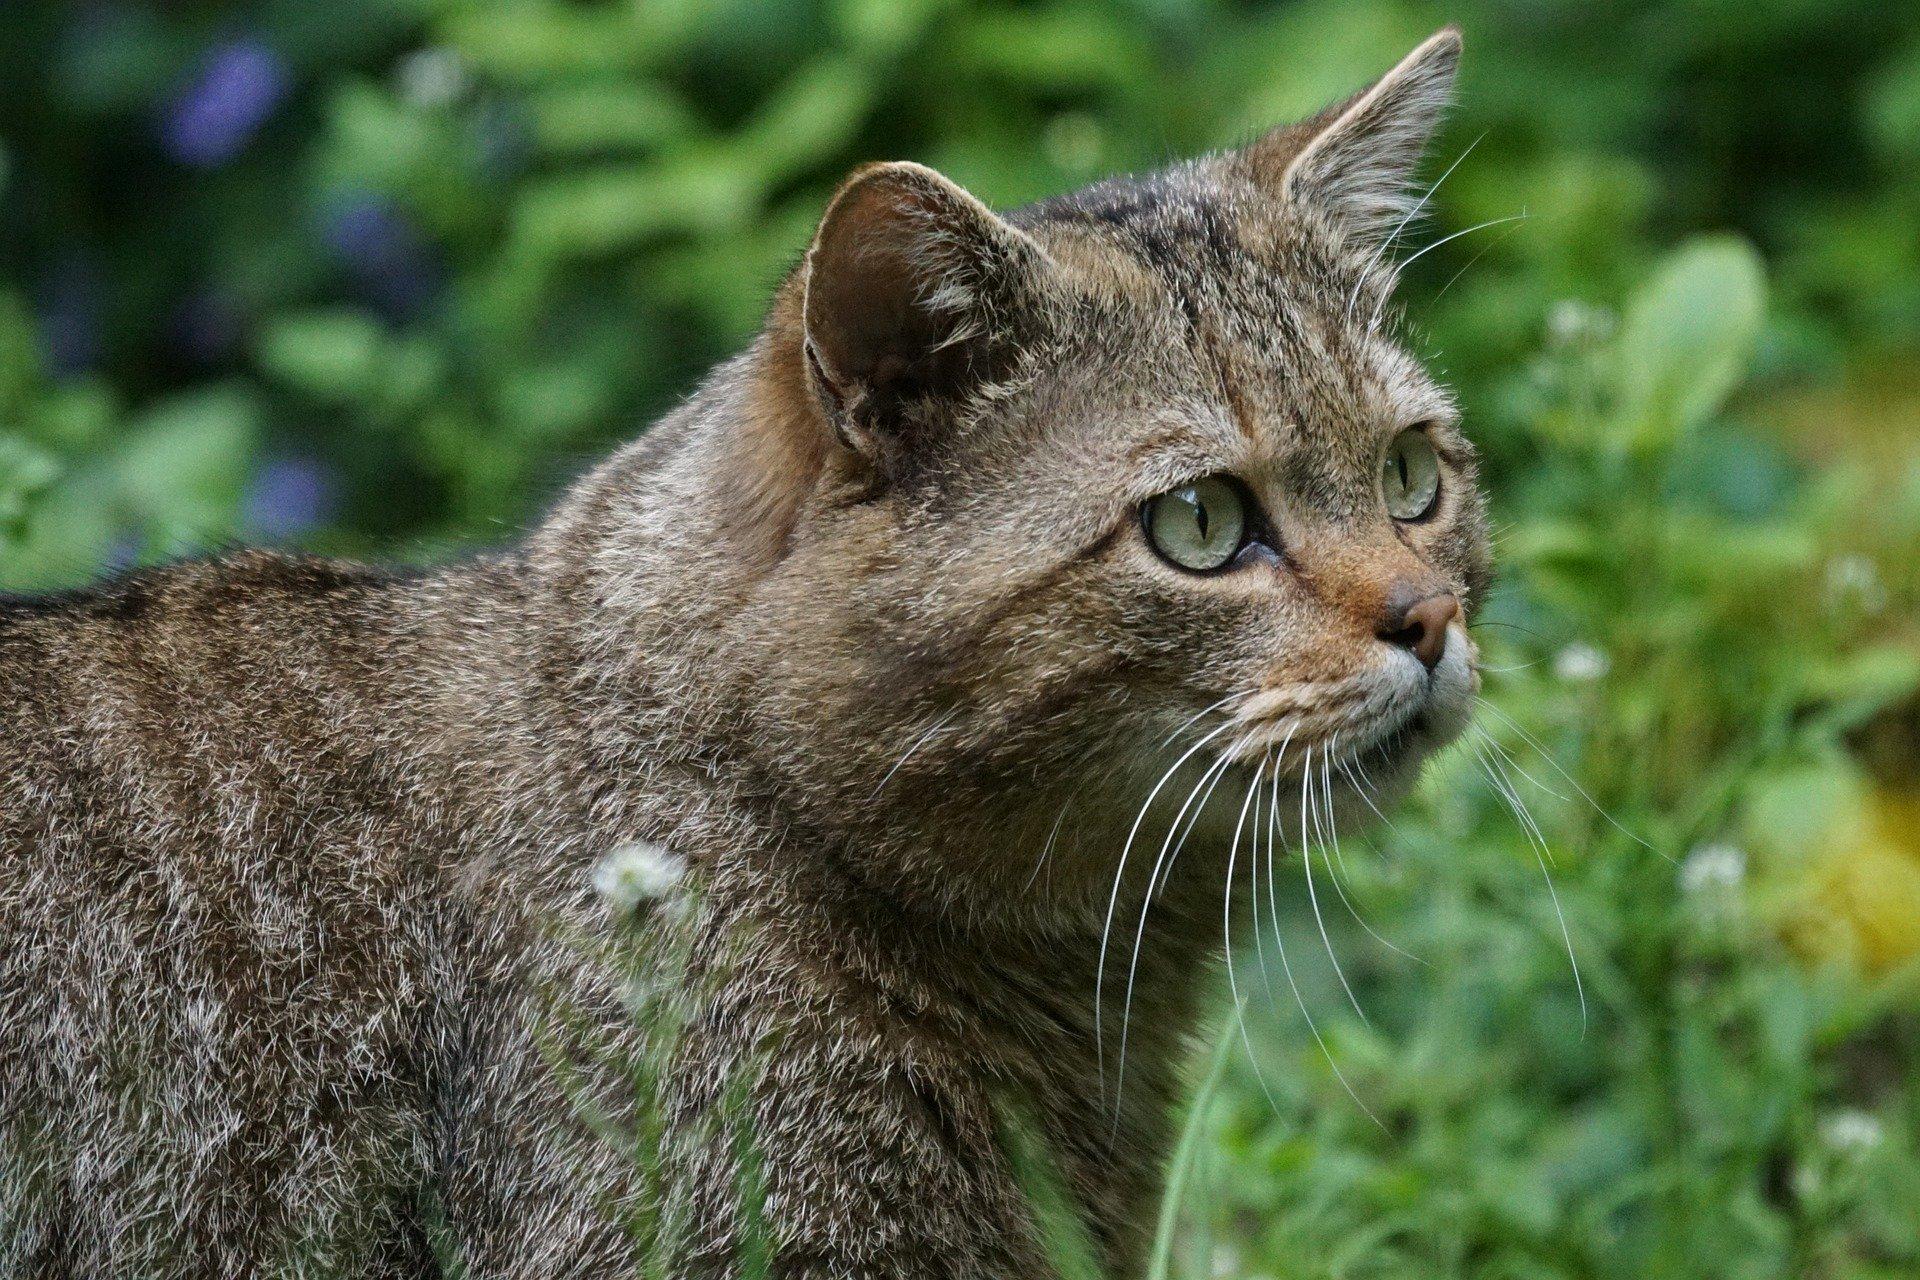 Gatto selvatico italiano: aspetto e caratteristiche